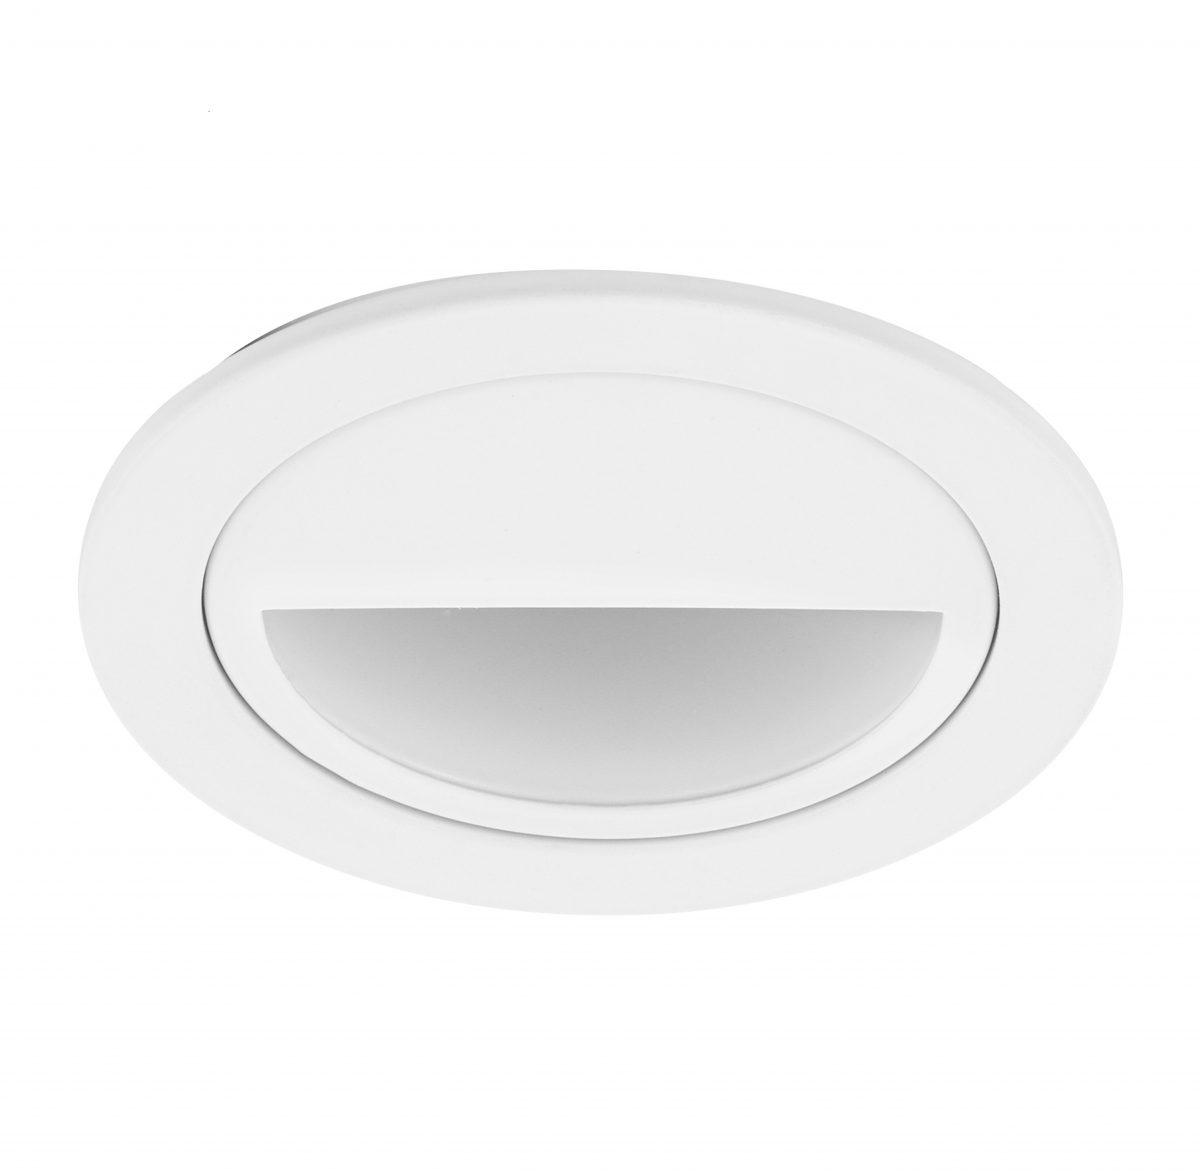 Светильник настенно-потолочный TONEZZA 4/PROFESSIO EGLO 61586 - Фото №28